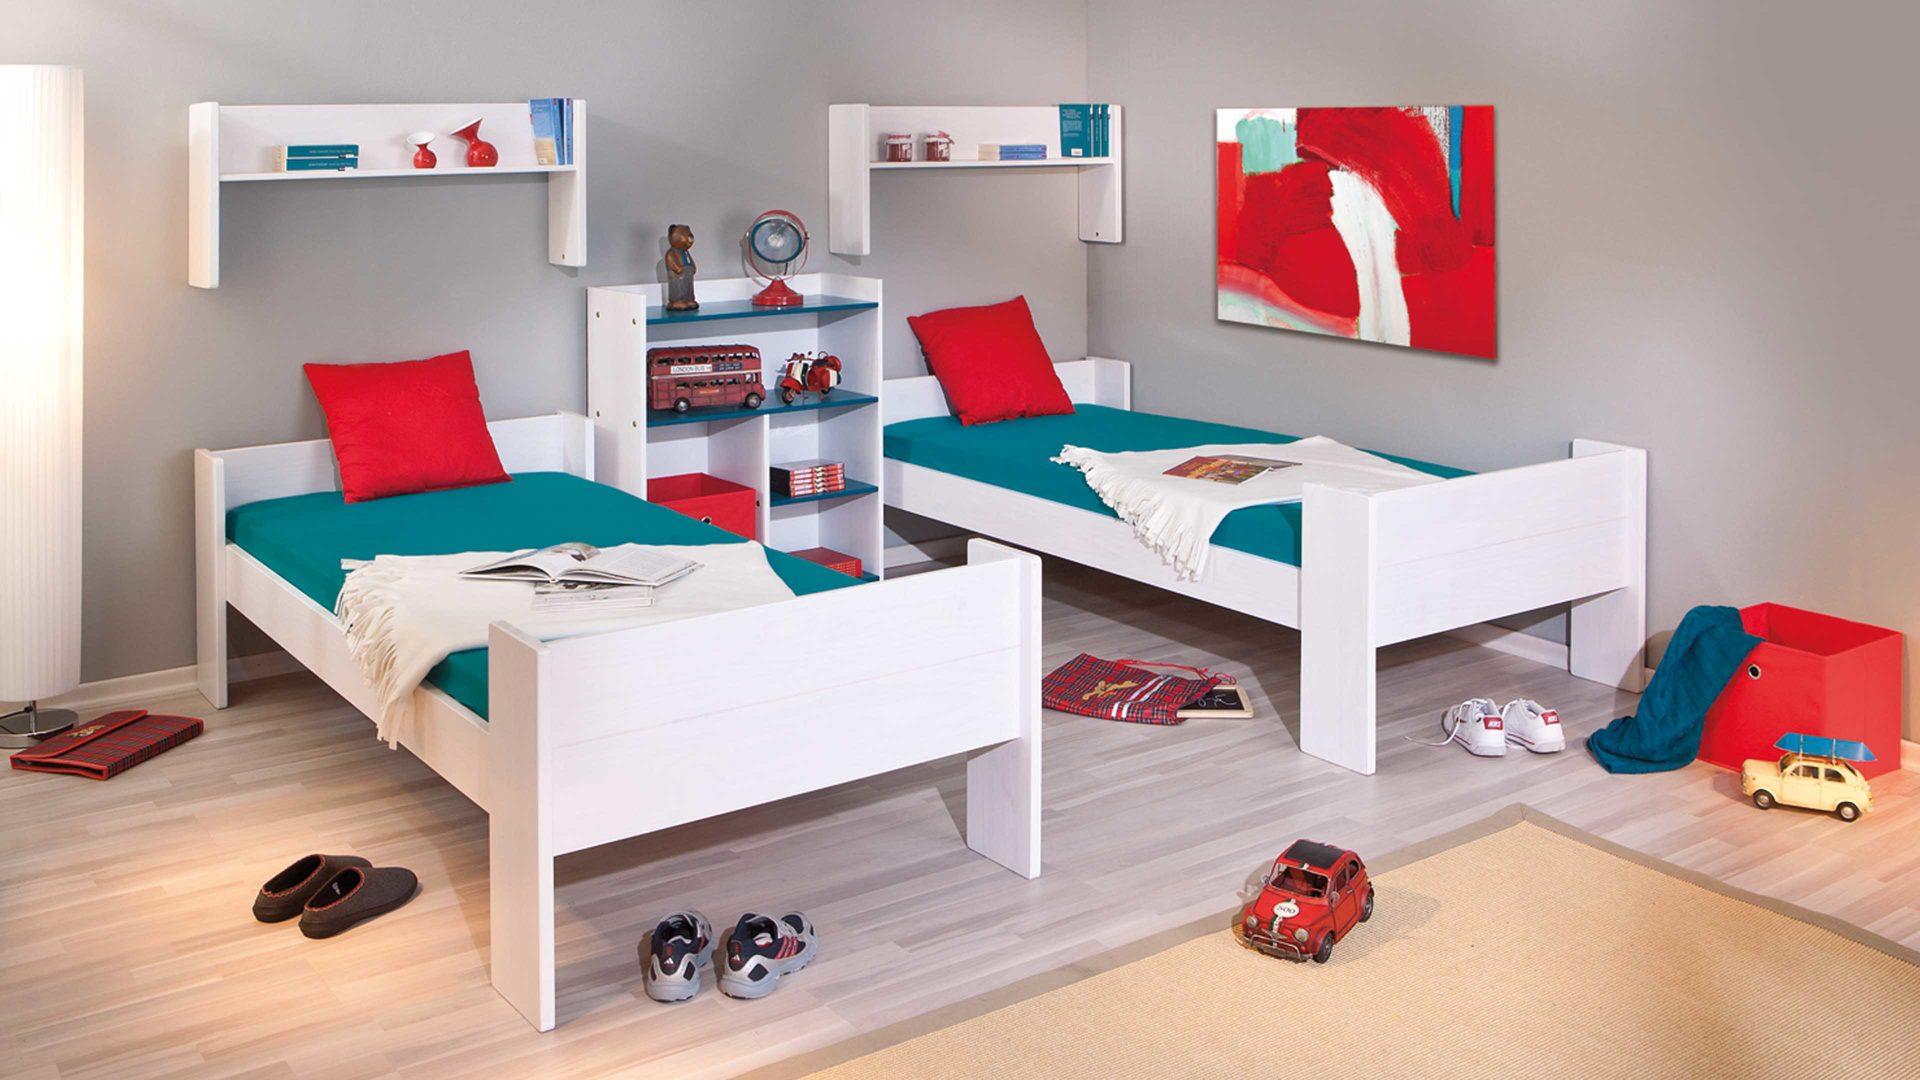 Etagenbett Holz Weiß : Etagenbett holz kinder hochbett massiv gunstig